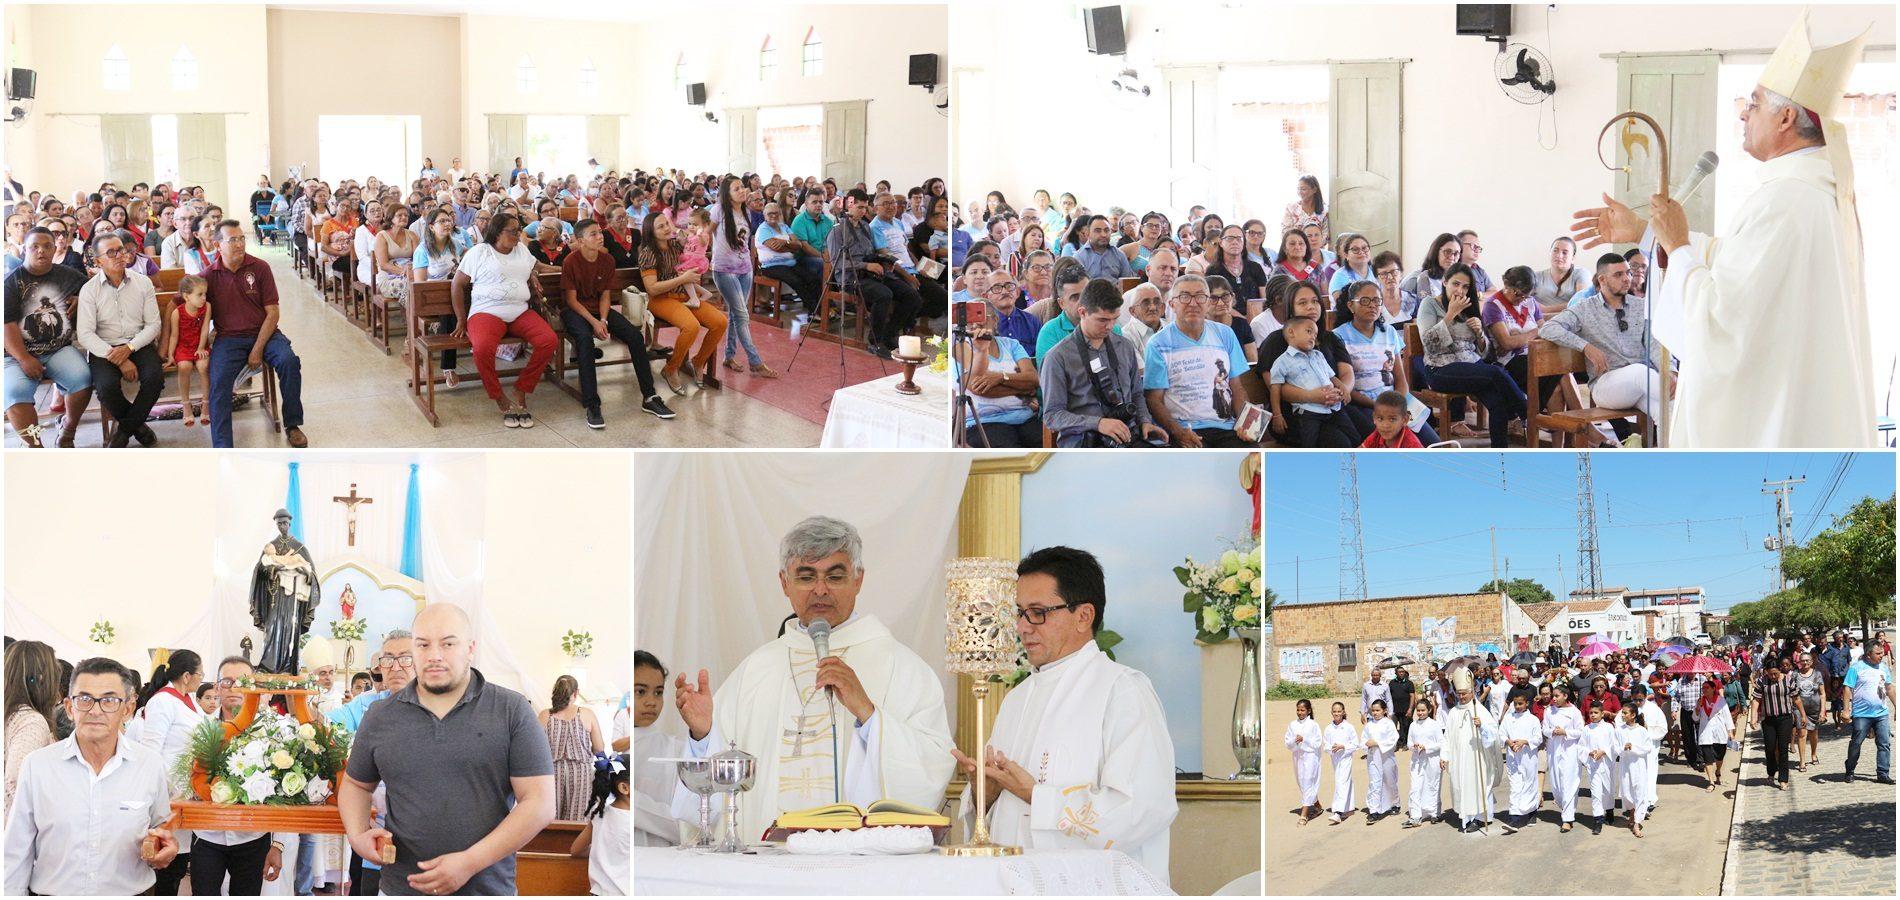 Missa solene e procissão encerram 30ª Festa de São Benedito em Campo Grande do Piauí